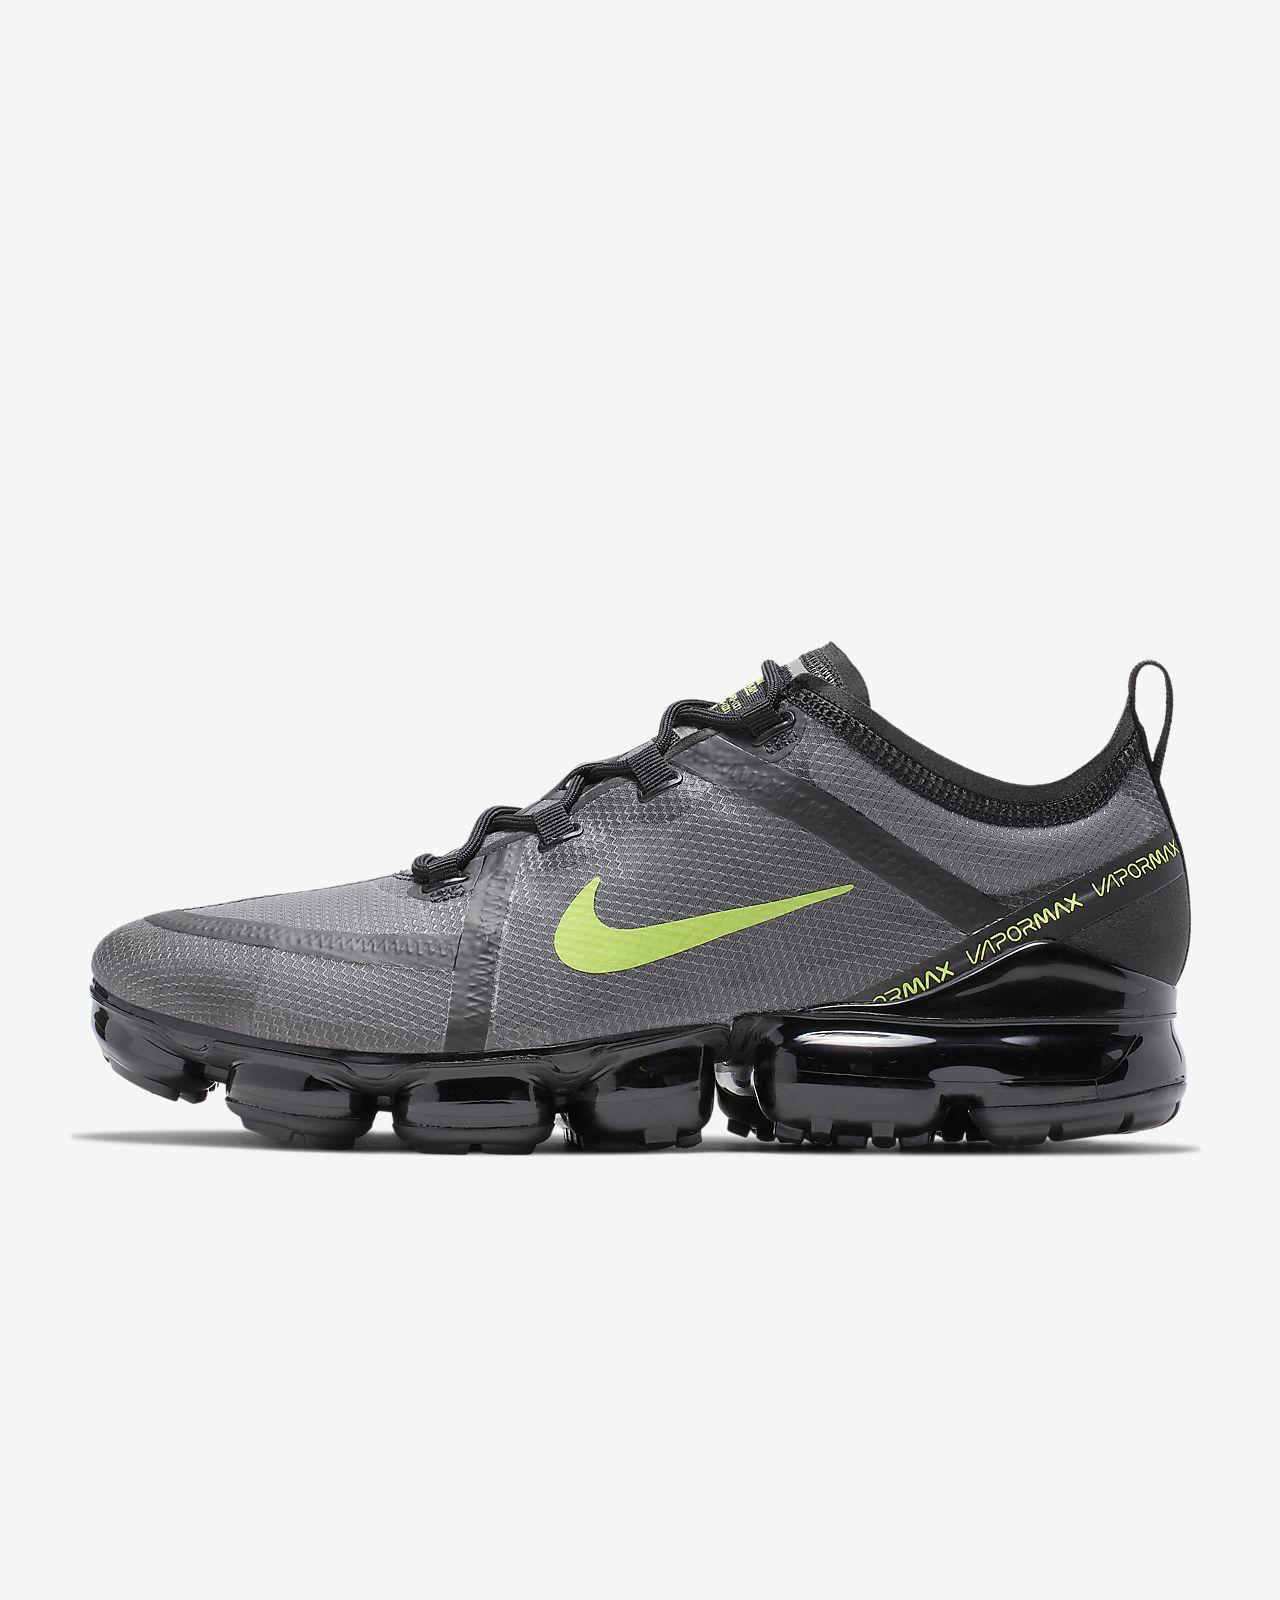 online retailer 758bc 20599 Nike Air VaporMax 2019-sko til mænd